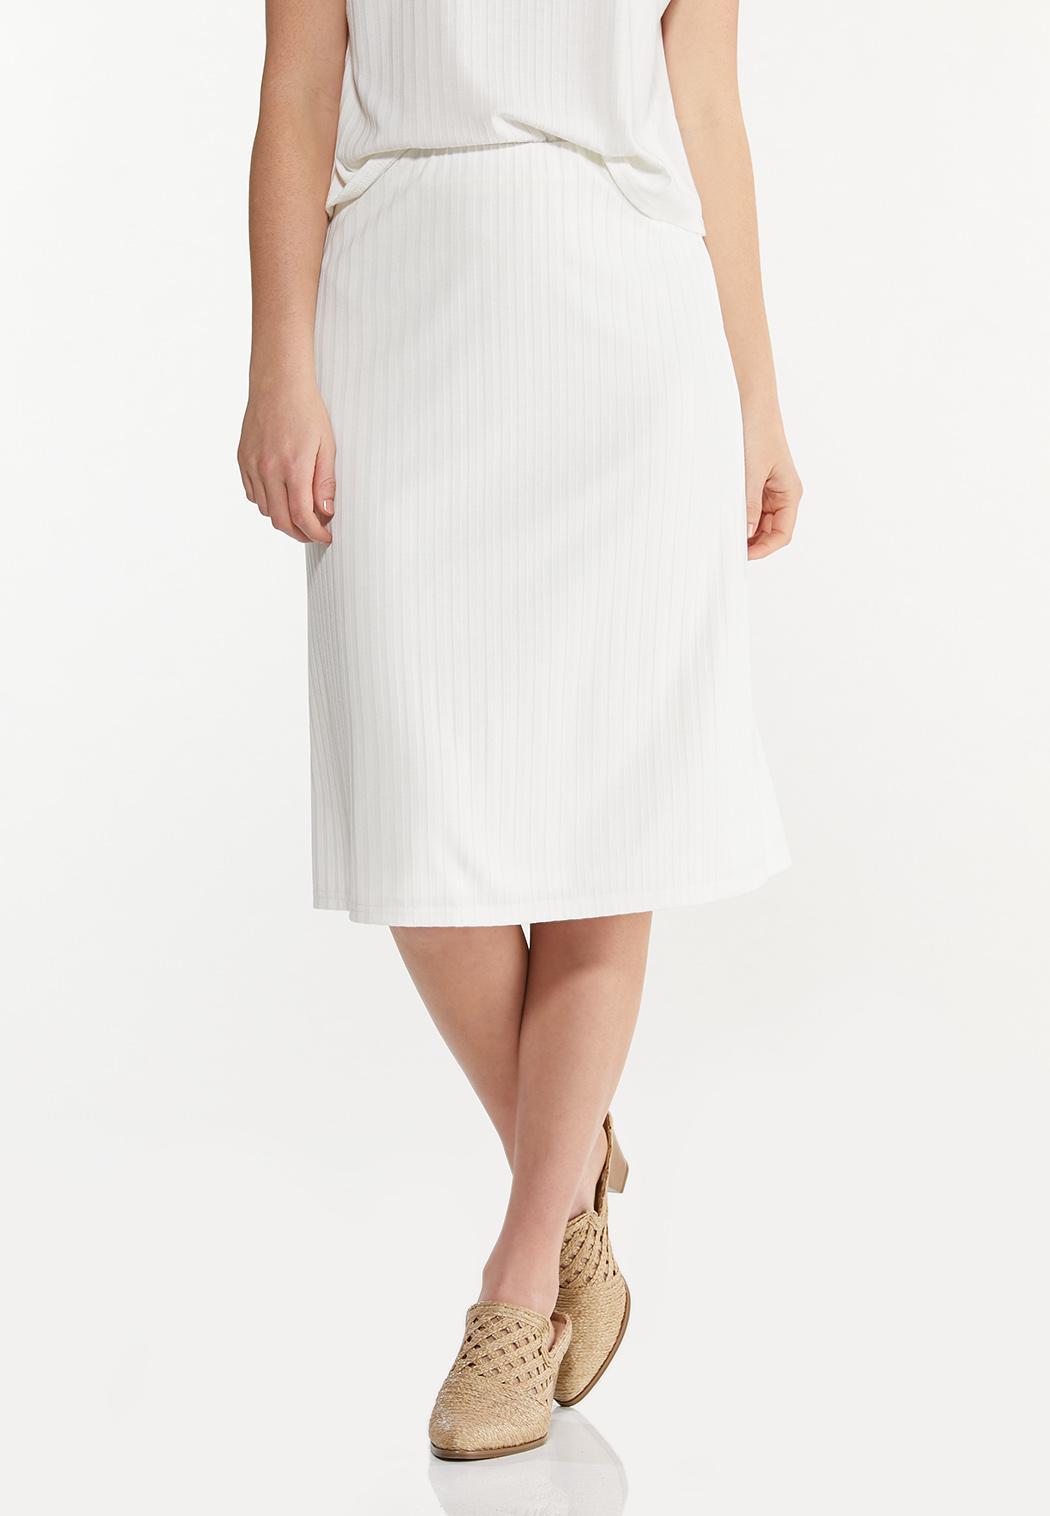 Ivory Ribbed Skirt